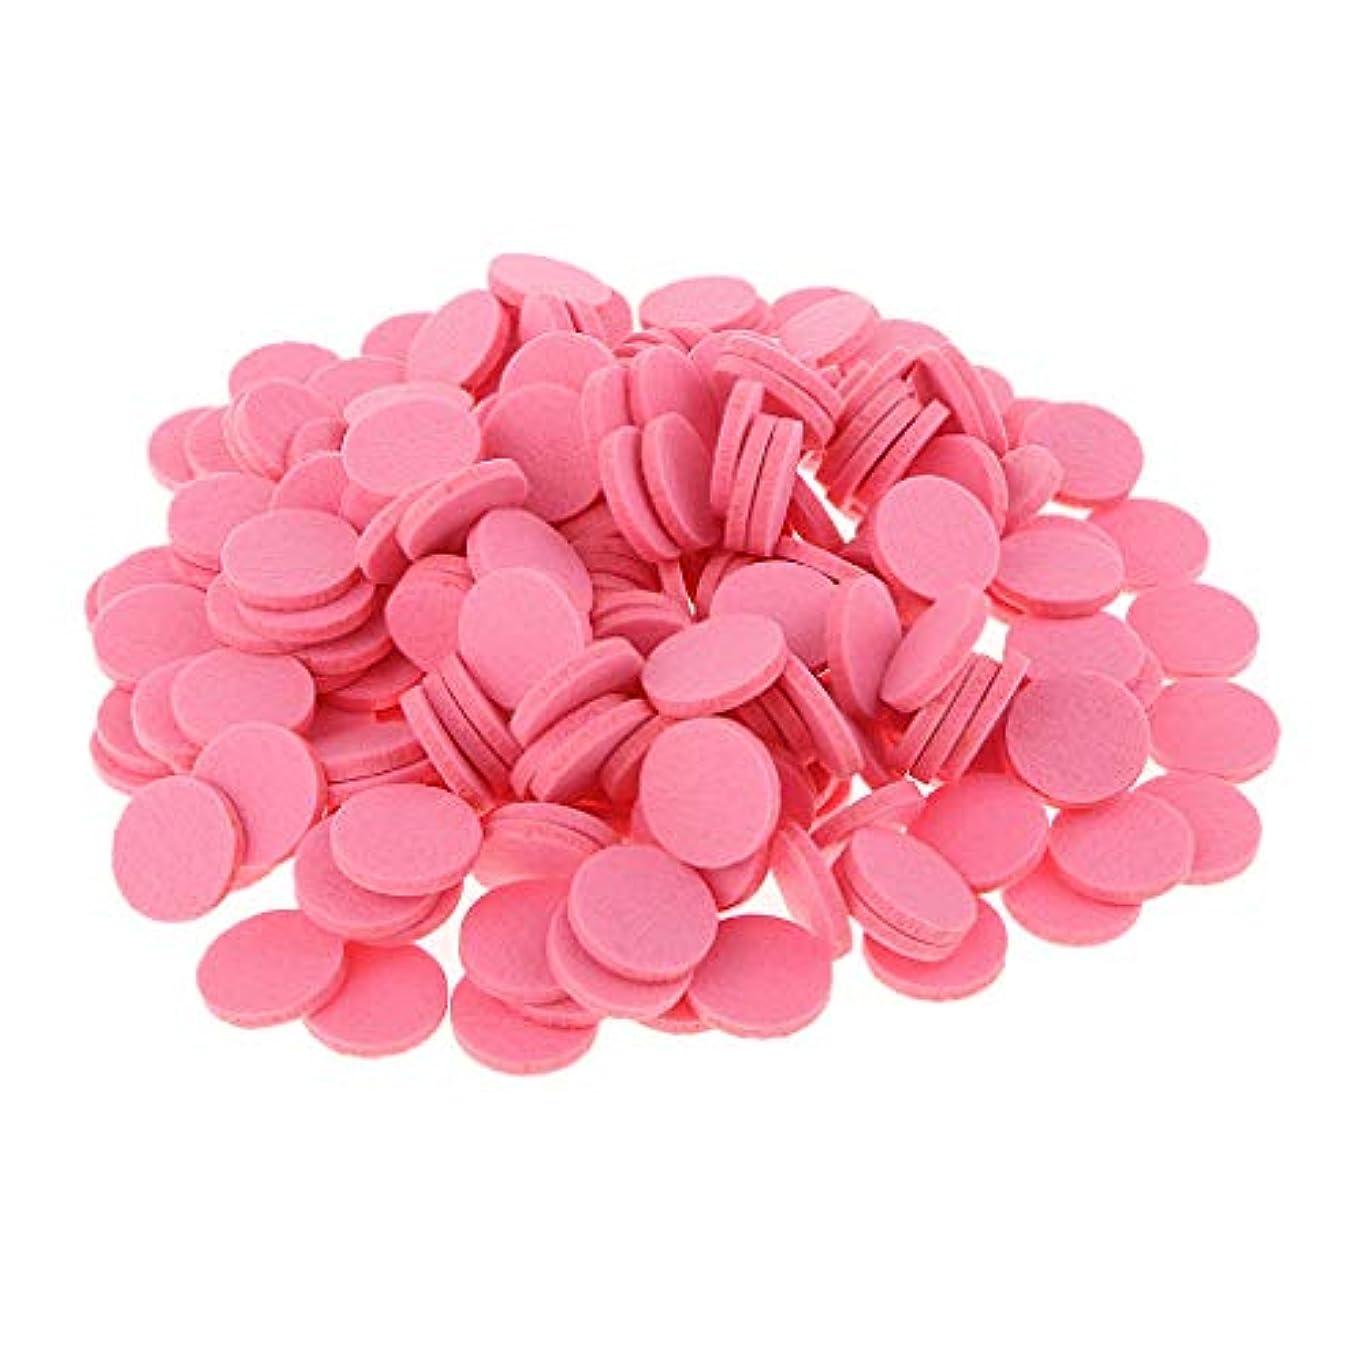 耐えられない小競り合い普遍的な約200個入り 詰め替えパッド 精油付き アロマディフューザー 交換用 オイルパッド 全11色 - ピンク